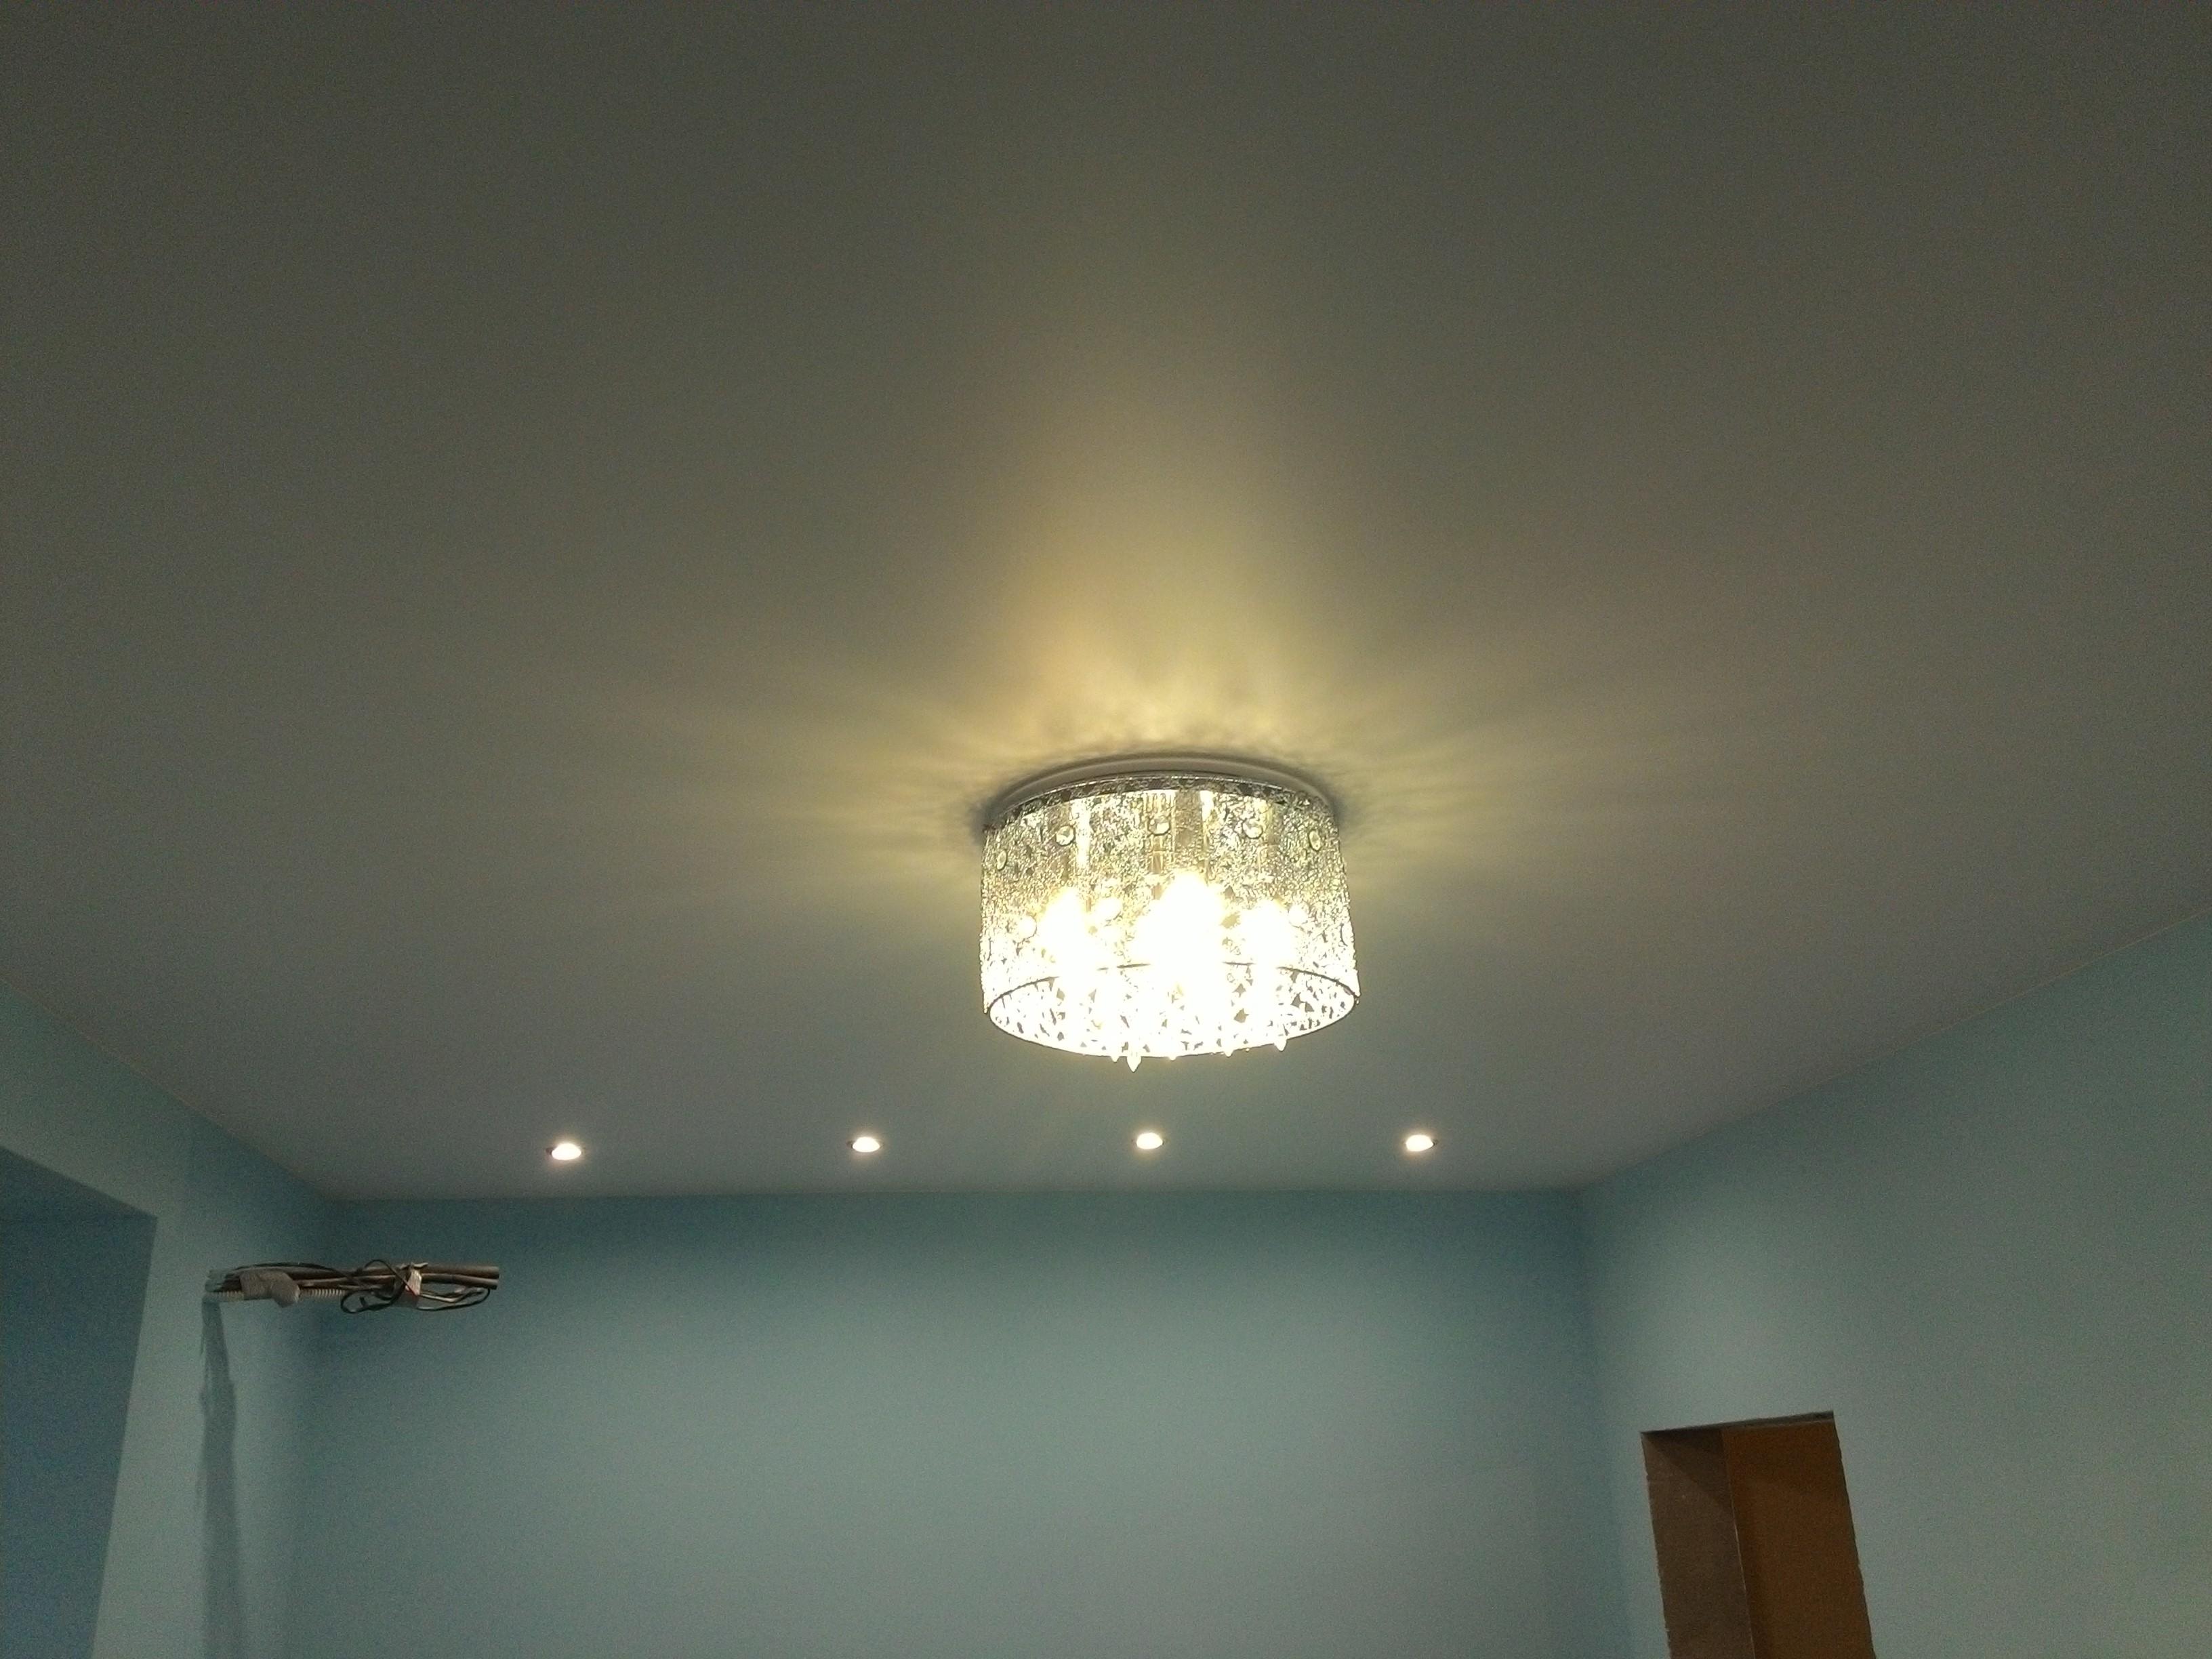 люстра + софиты на матовом потолке